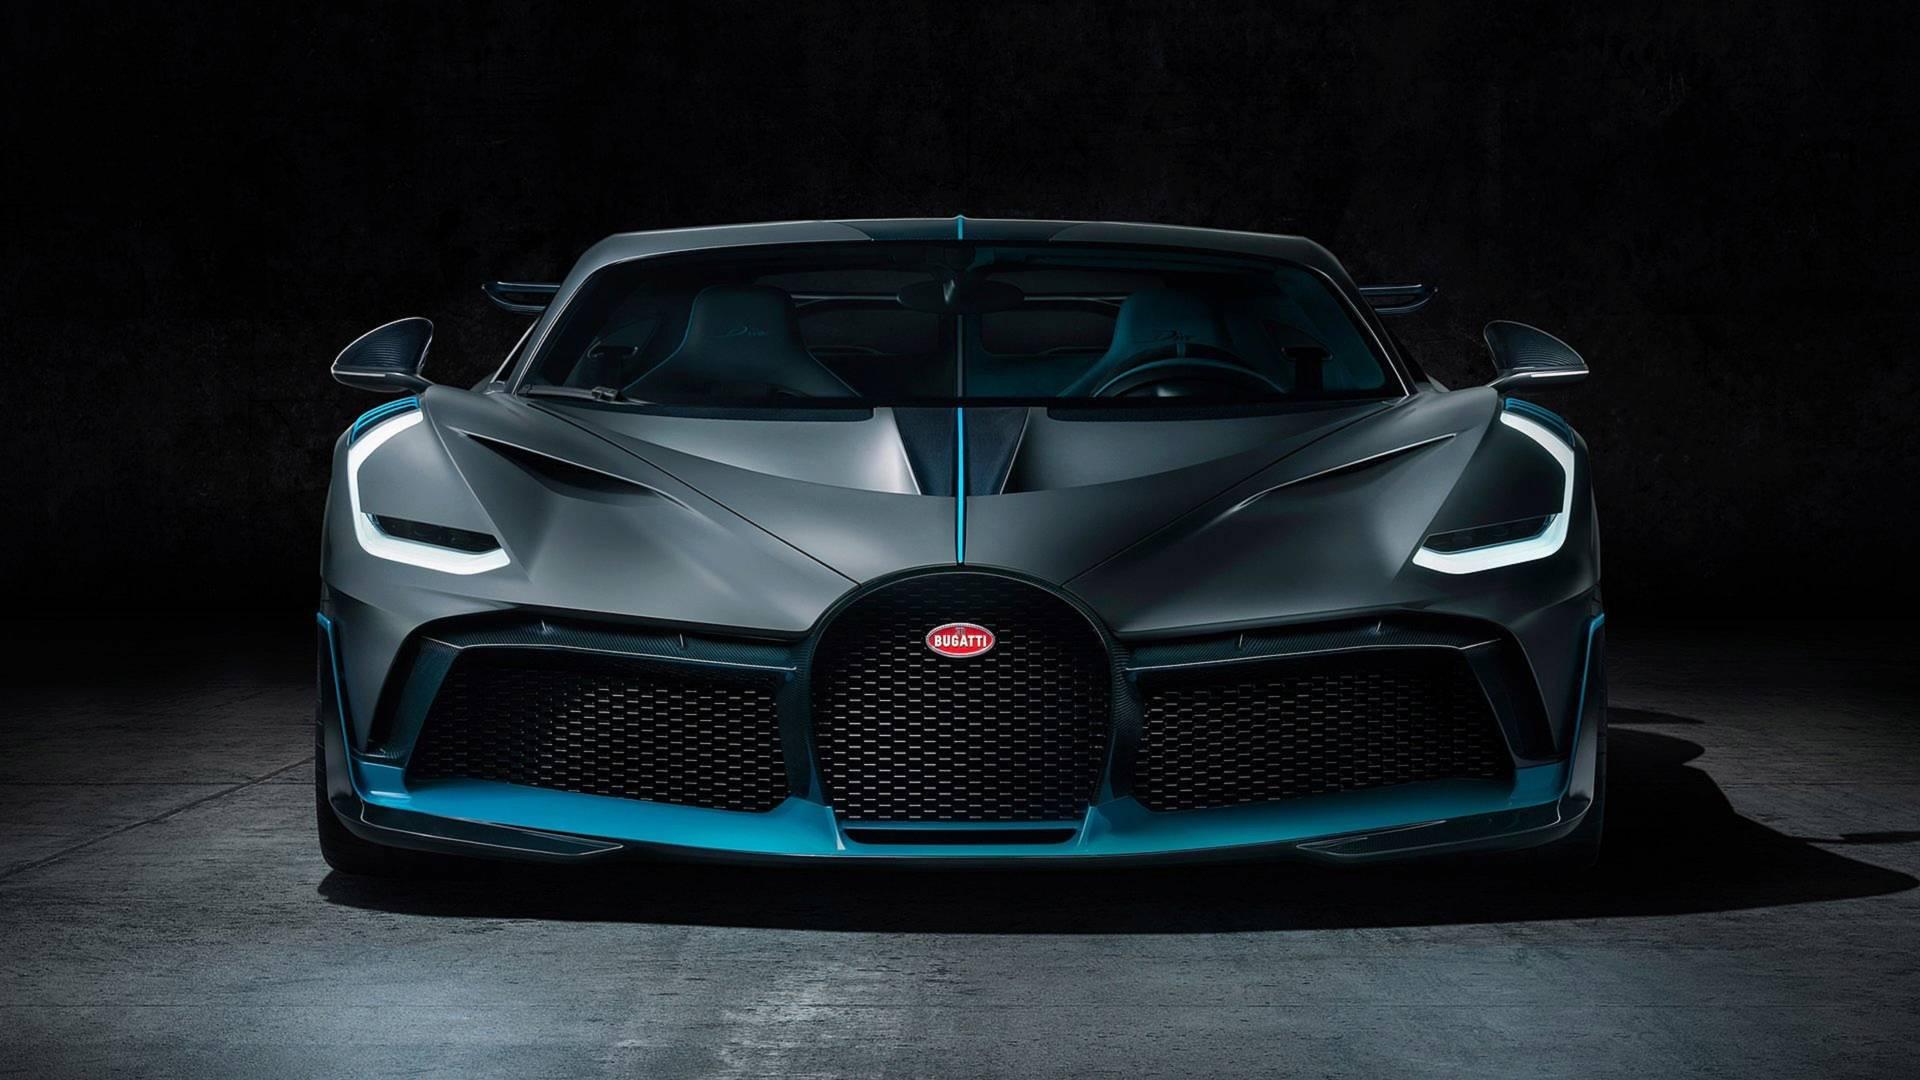 Bugatti razmatra SUV kao opciju za novi model